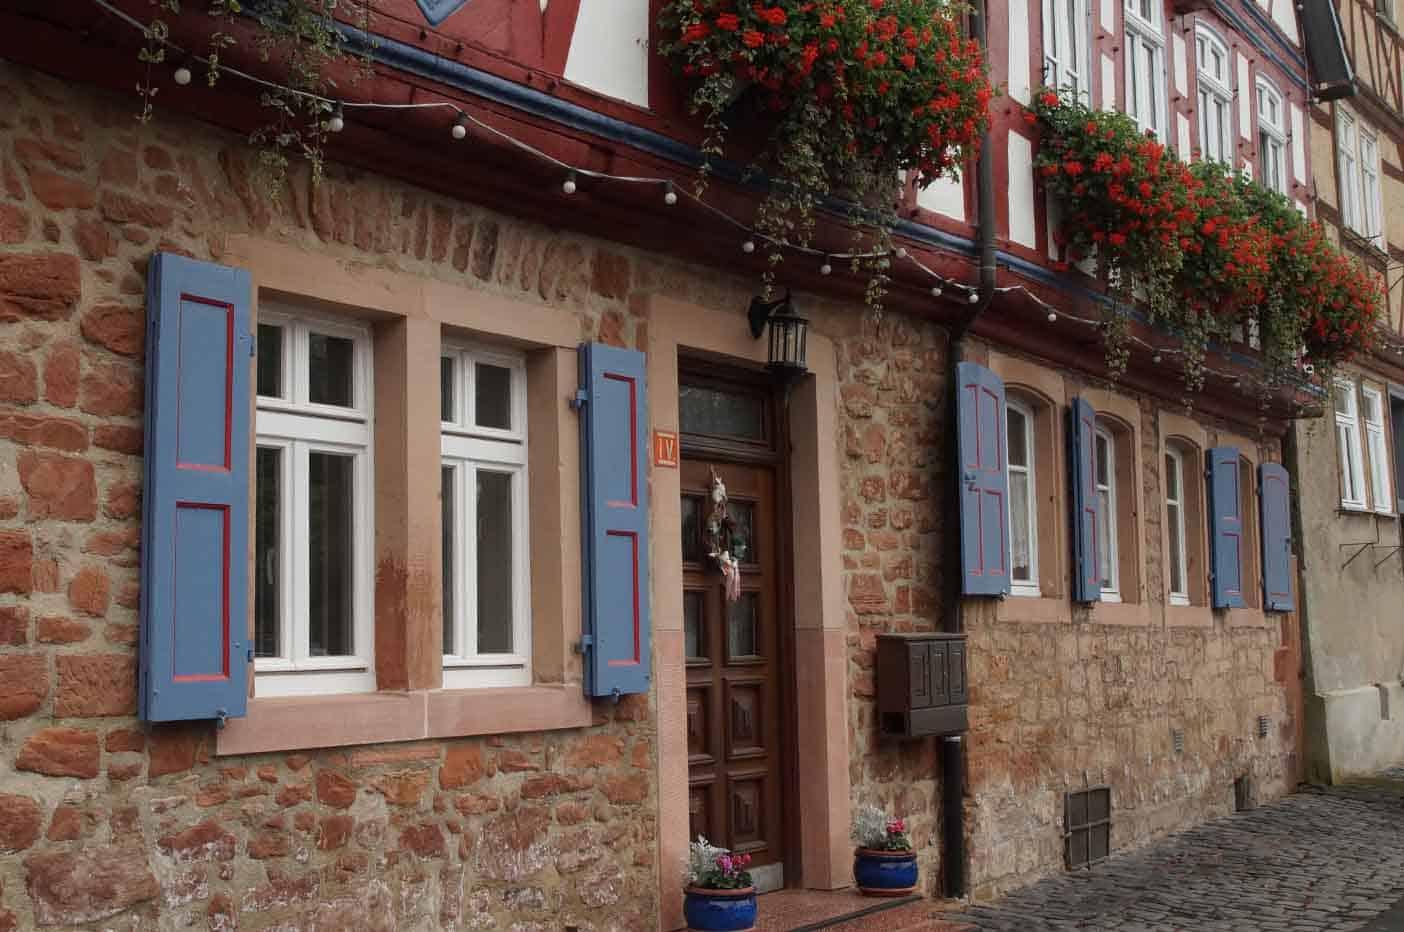 vakwerk stadje Büdingen Duitsland